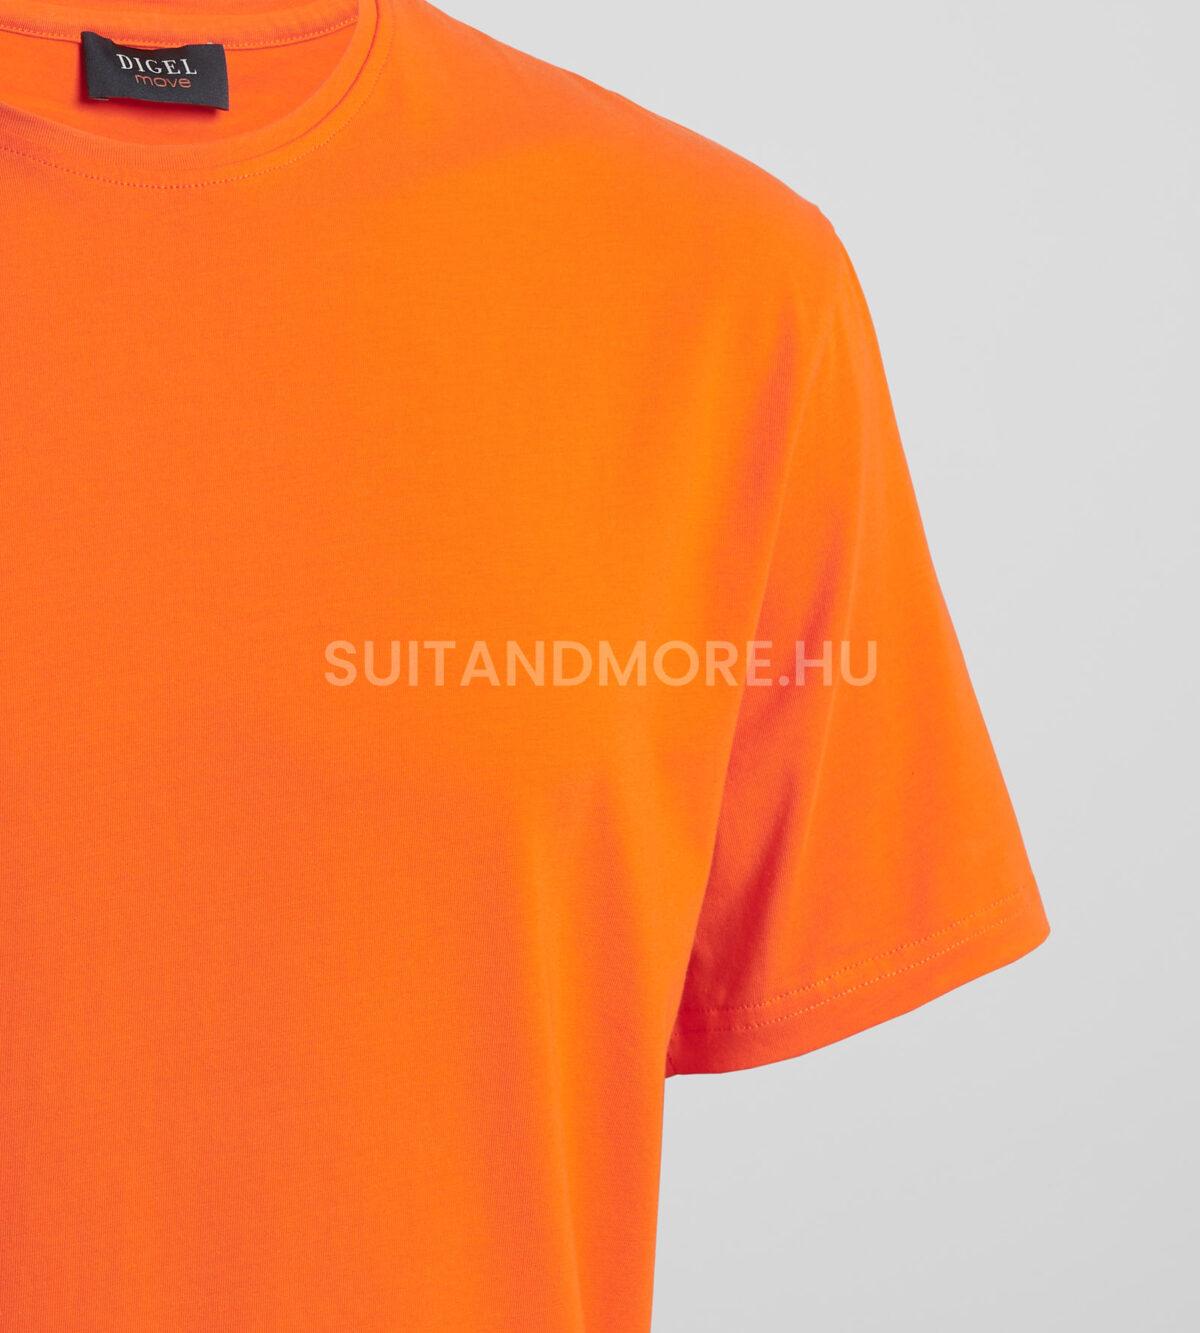 DIGEL-narancssárga-slim-fit-kerek-nyakú-póló-ANANI-1-2-1108120-95-02